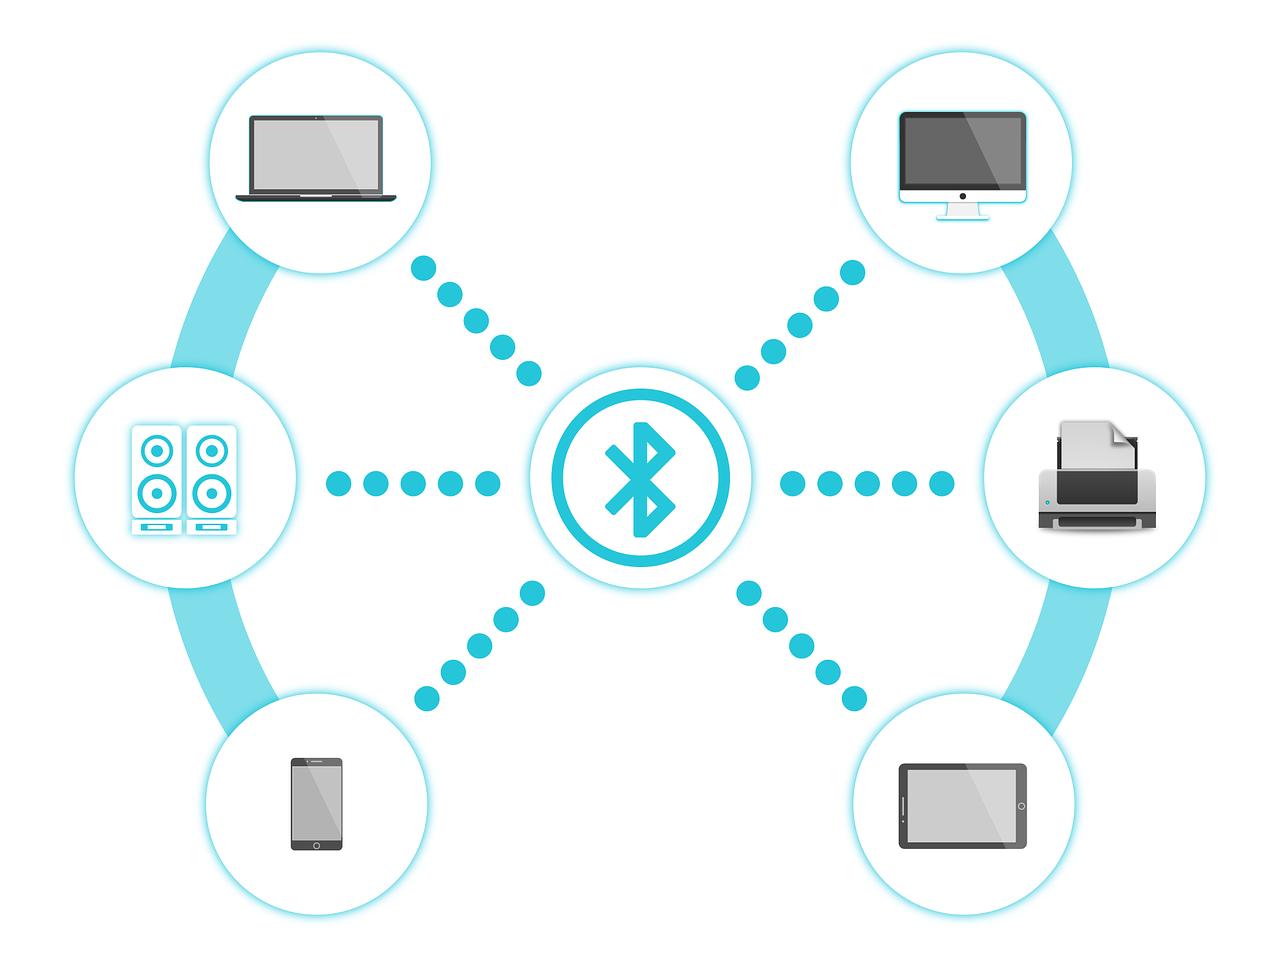 La différebnce entre le Wifi et le bluetooth